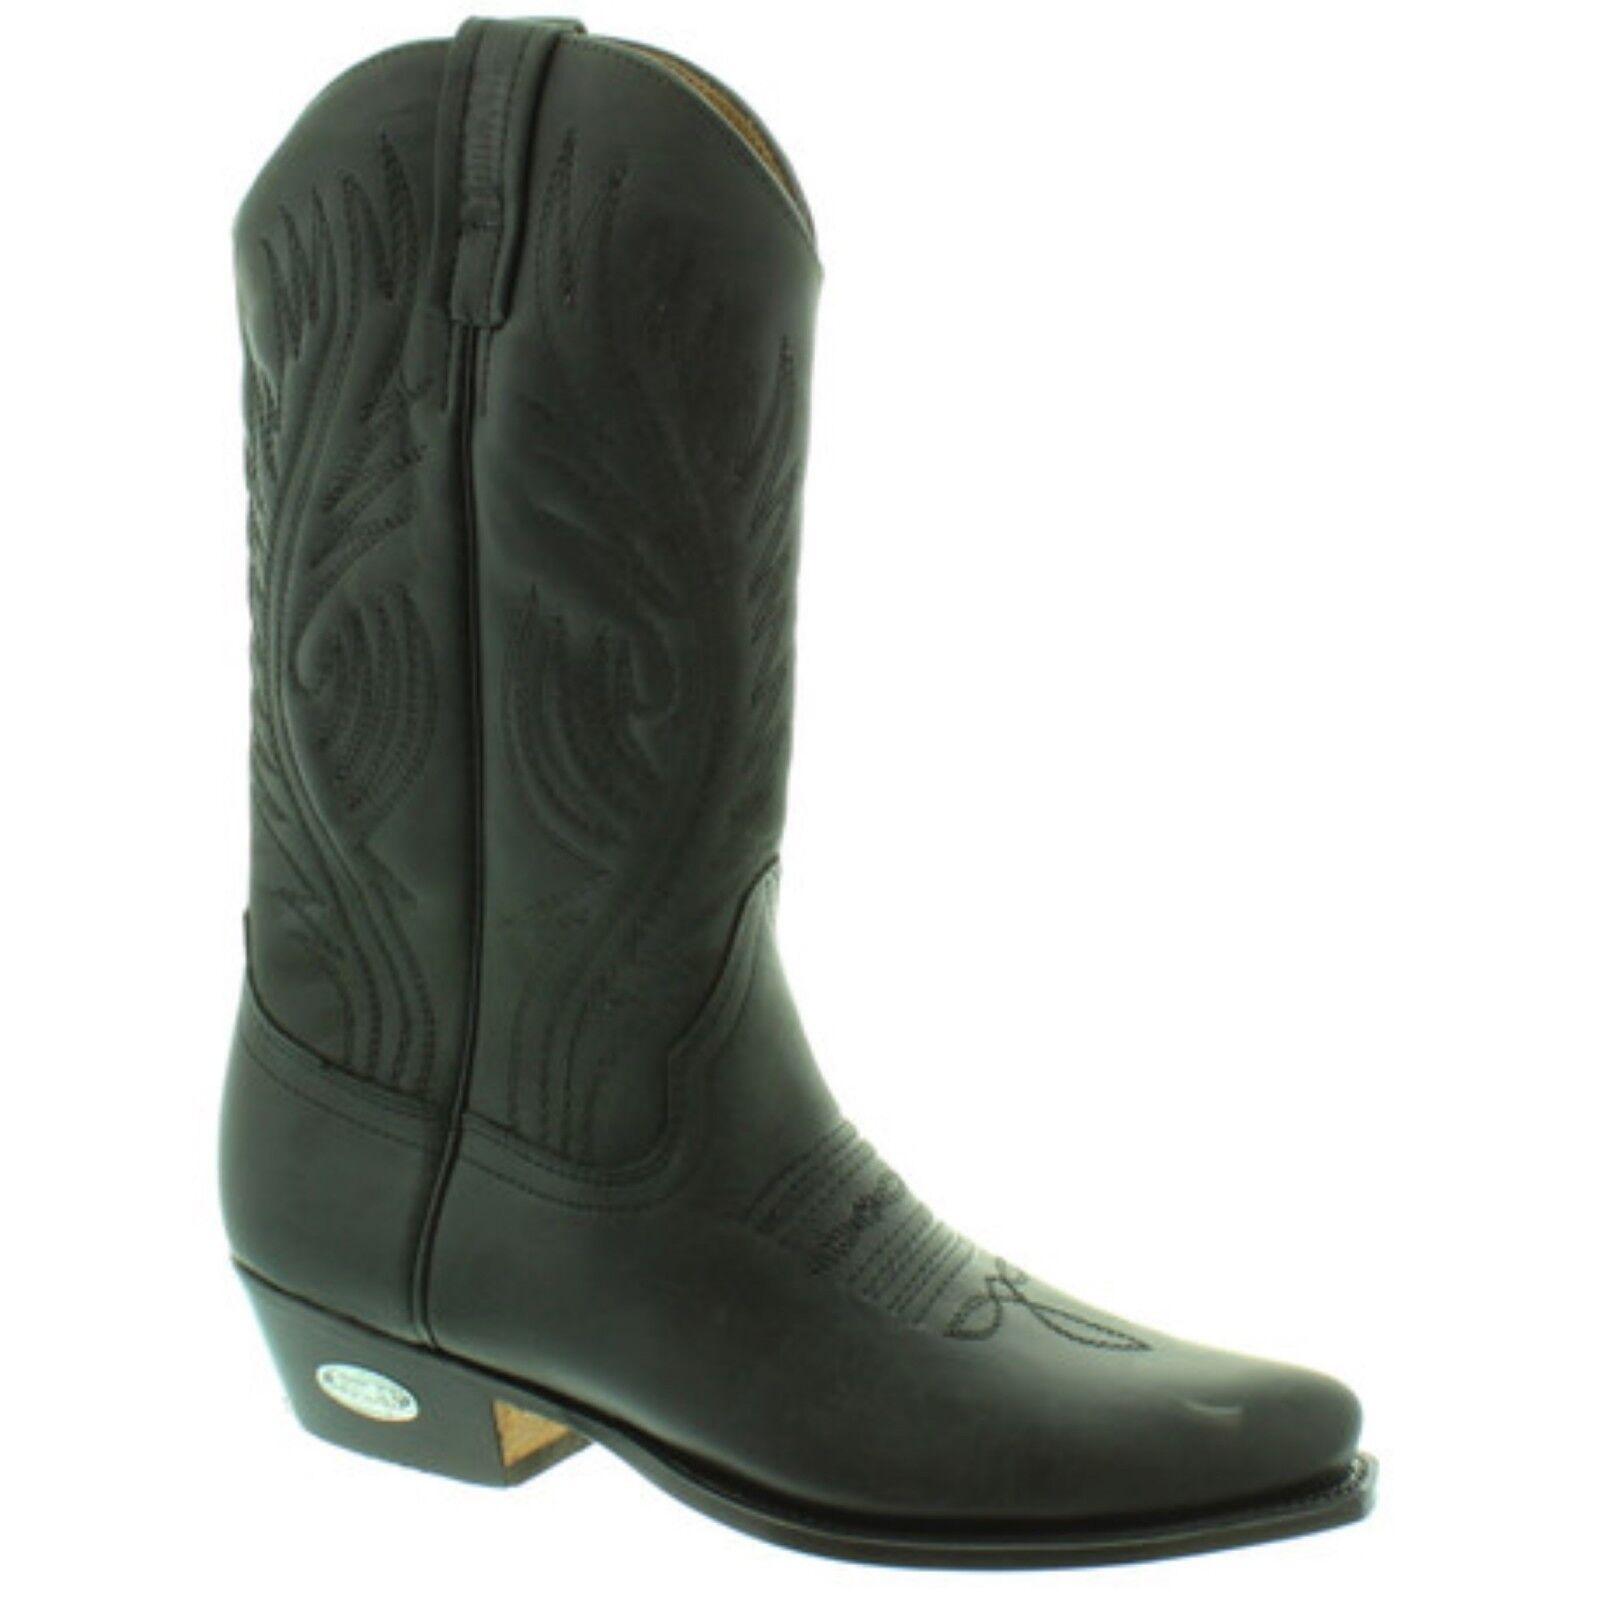 Loblan 194 Negro Cuero ceroso botas de vaquero hecho a mano Clásico Unisex Occidental 0194